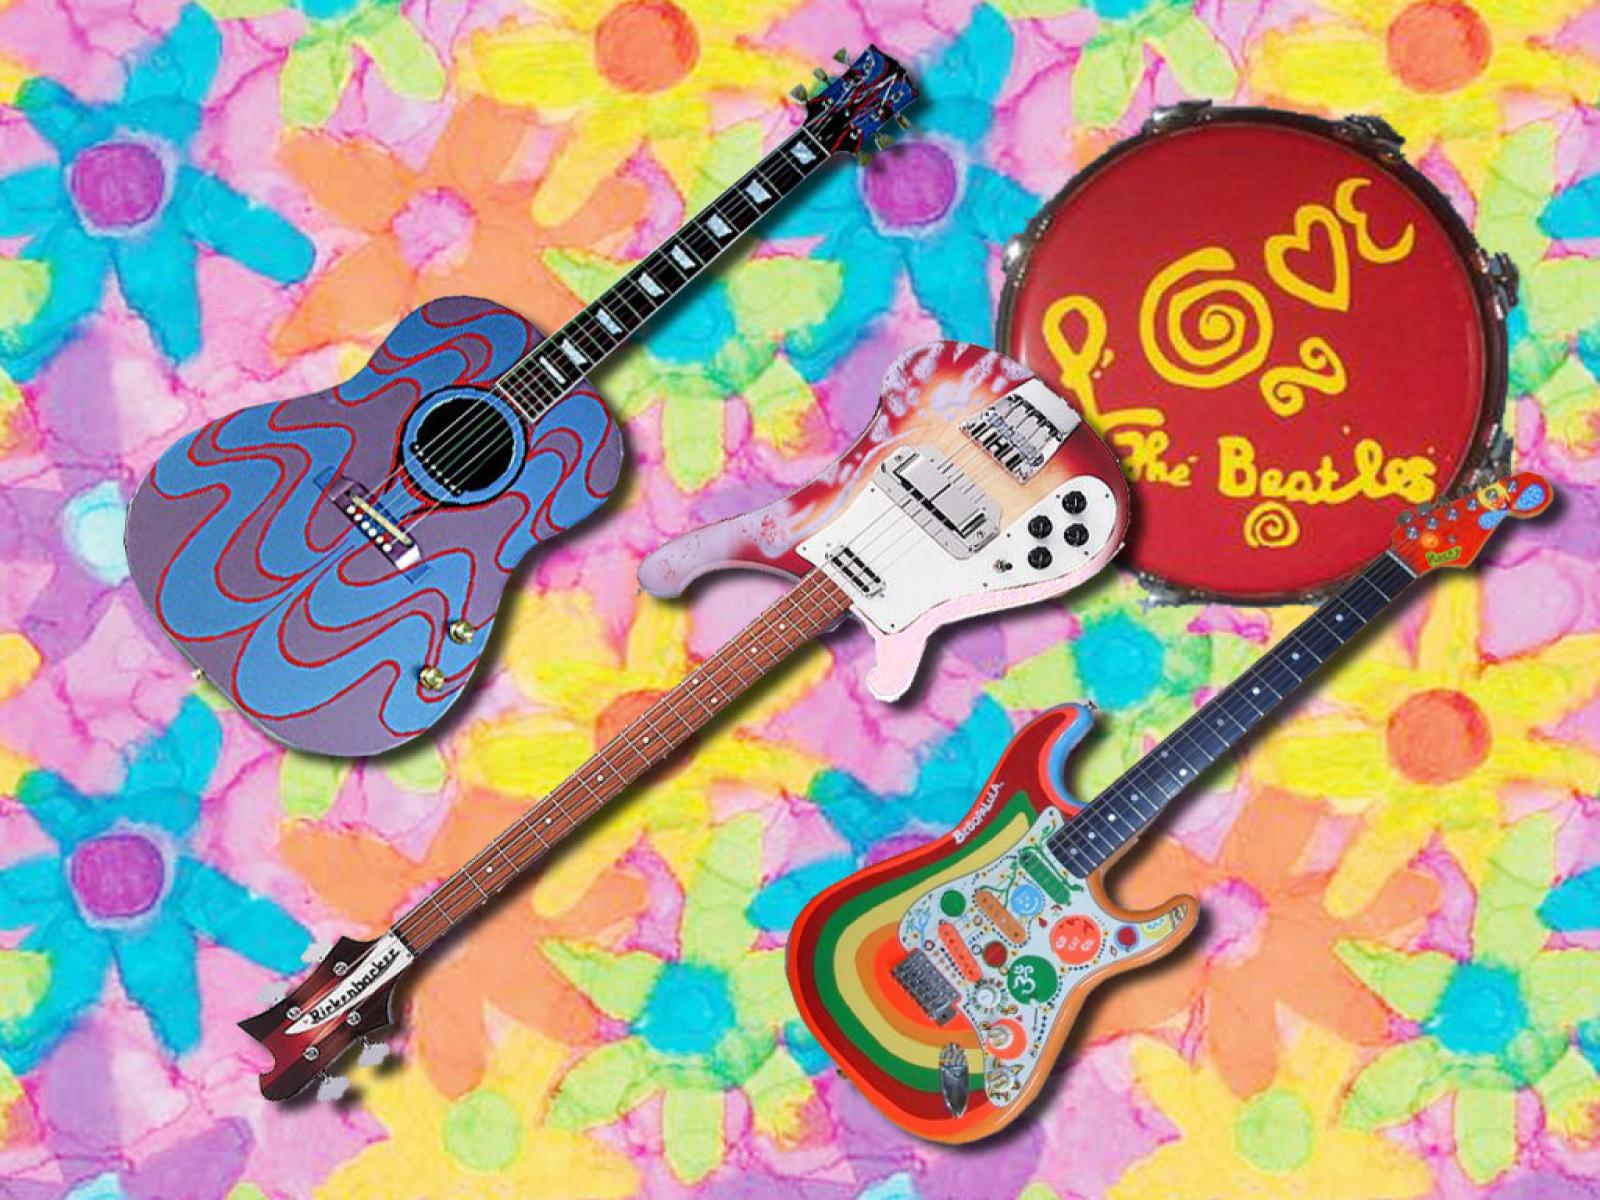 http://1.bp.blogspot.com/-RoN0HLmH2jM/ThYaAaR_GjI/AAAAAAAAAkc/I-ZNhcldY_E/s1600/the-beatles-hippy.jpg